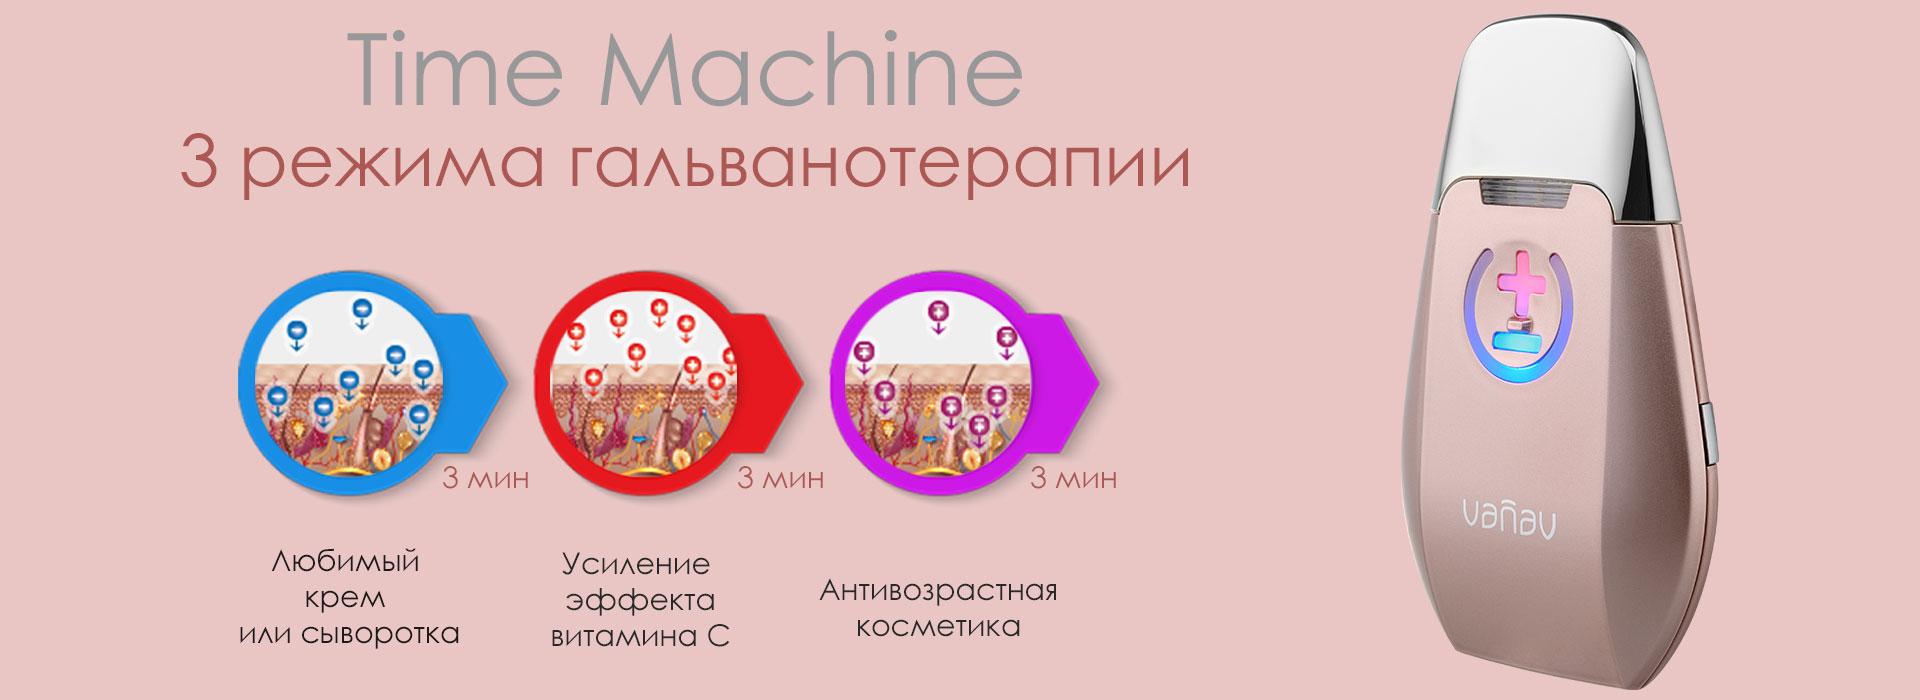 Гальванотерапия с помощью VANAV Time Machine